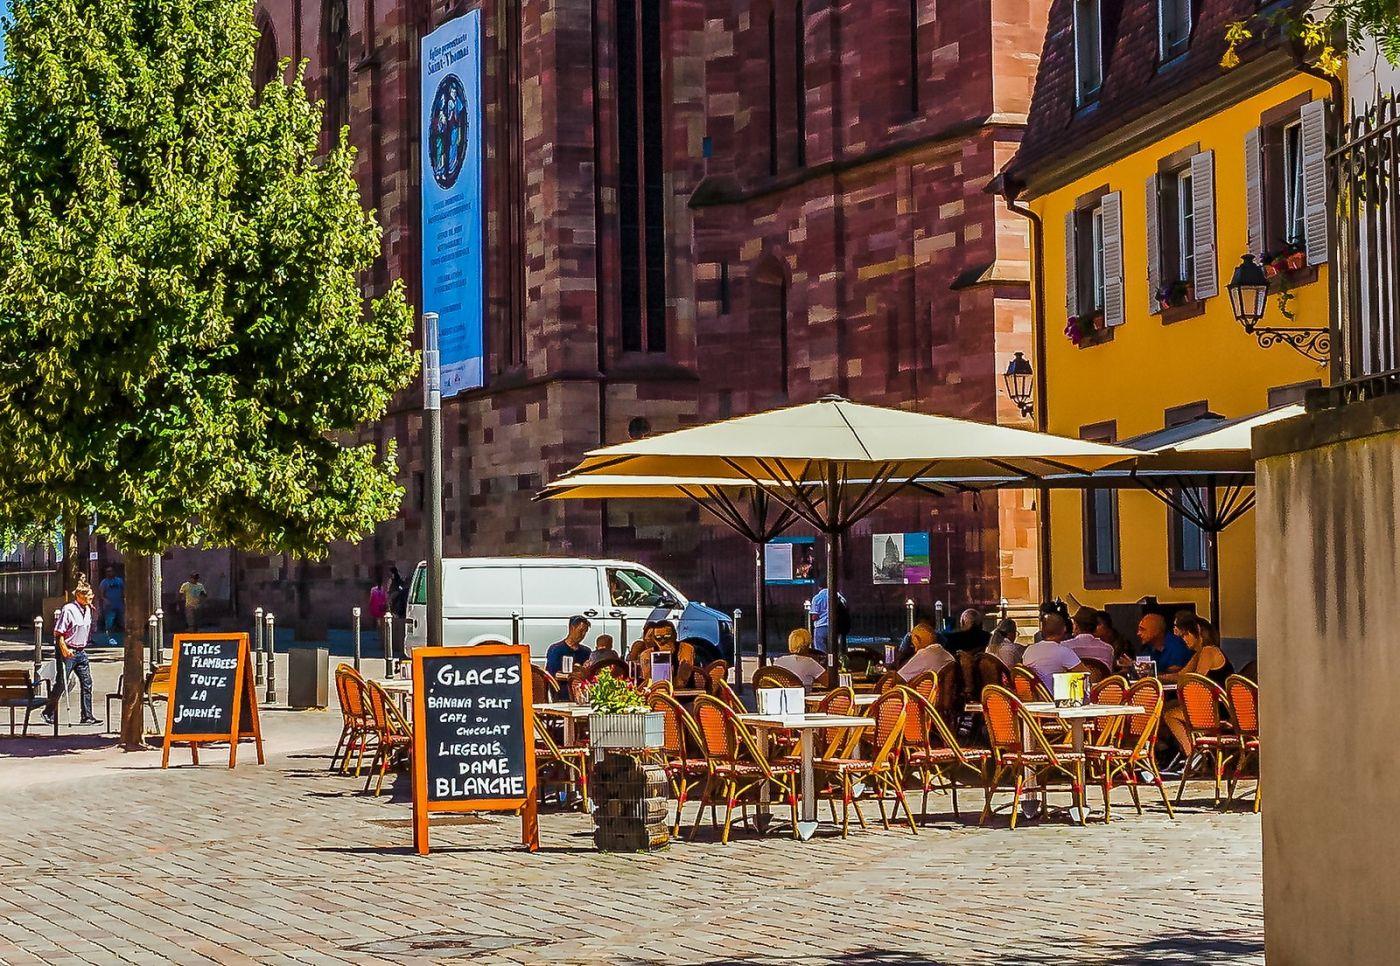 法国斯特拉斯堡(Strasbourg),边走边拍_图1-25